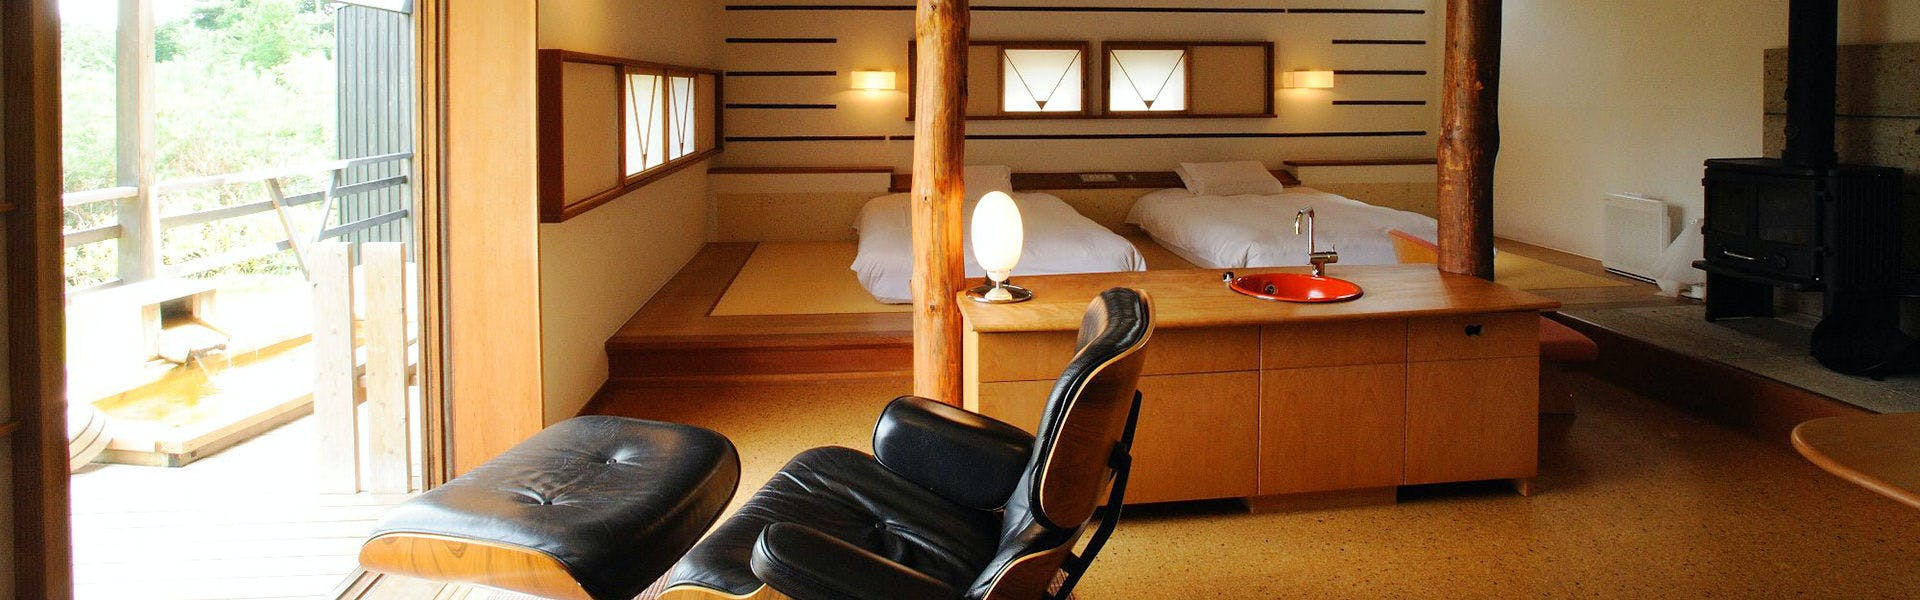 記念日におすすめのホテル・【おとぎの宿 米屋】の写真3